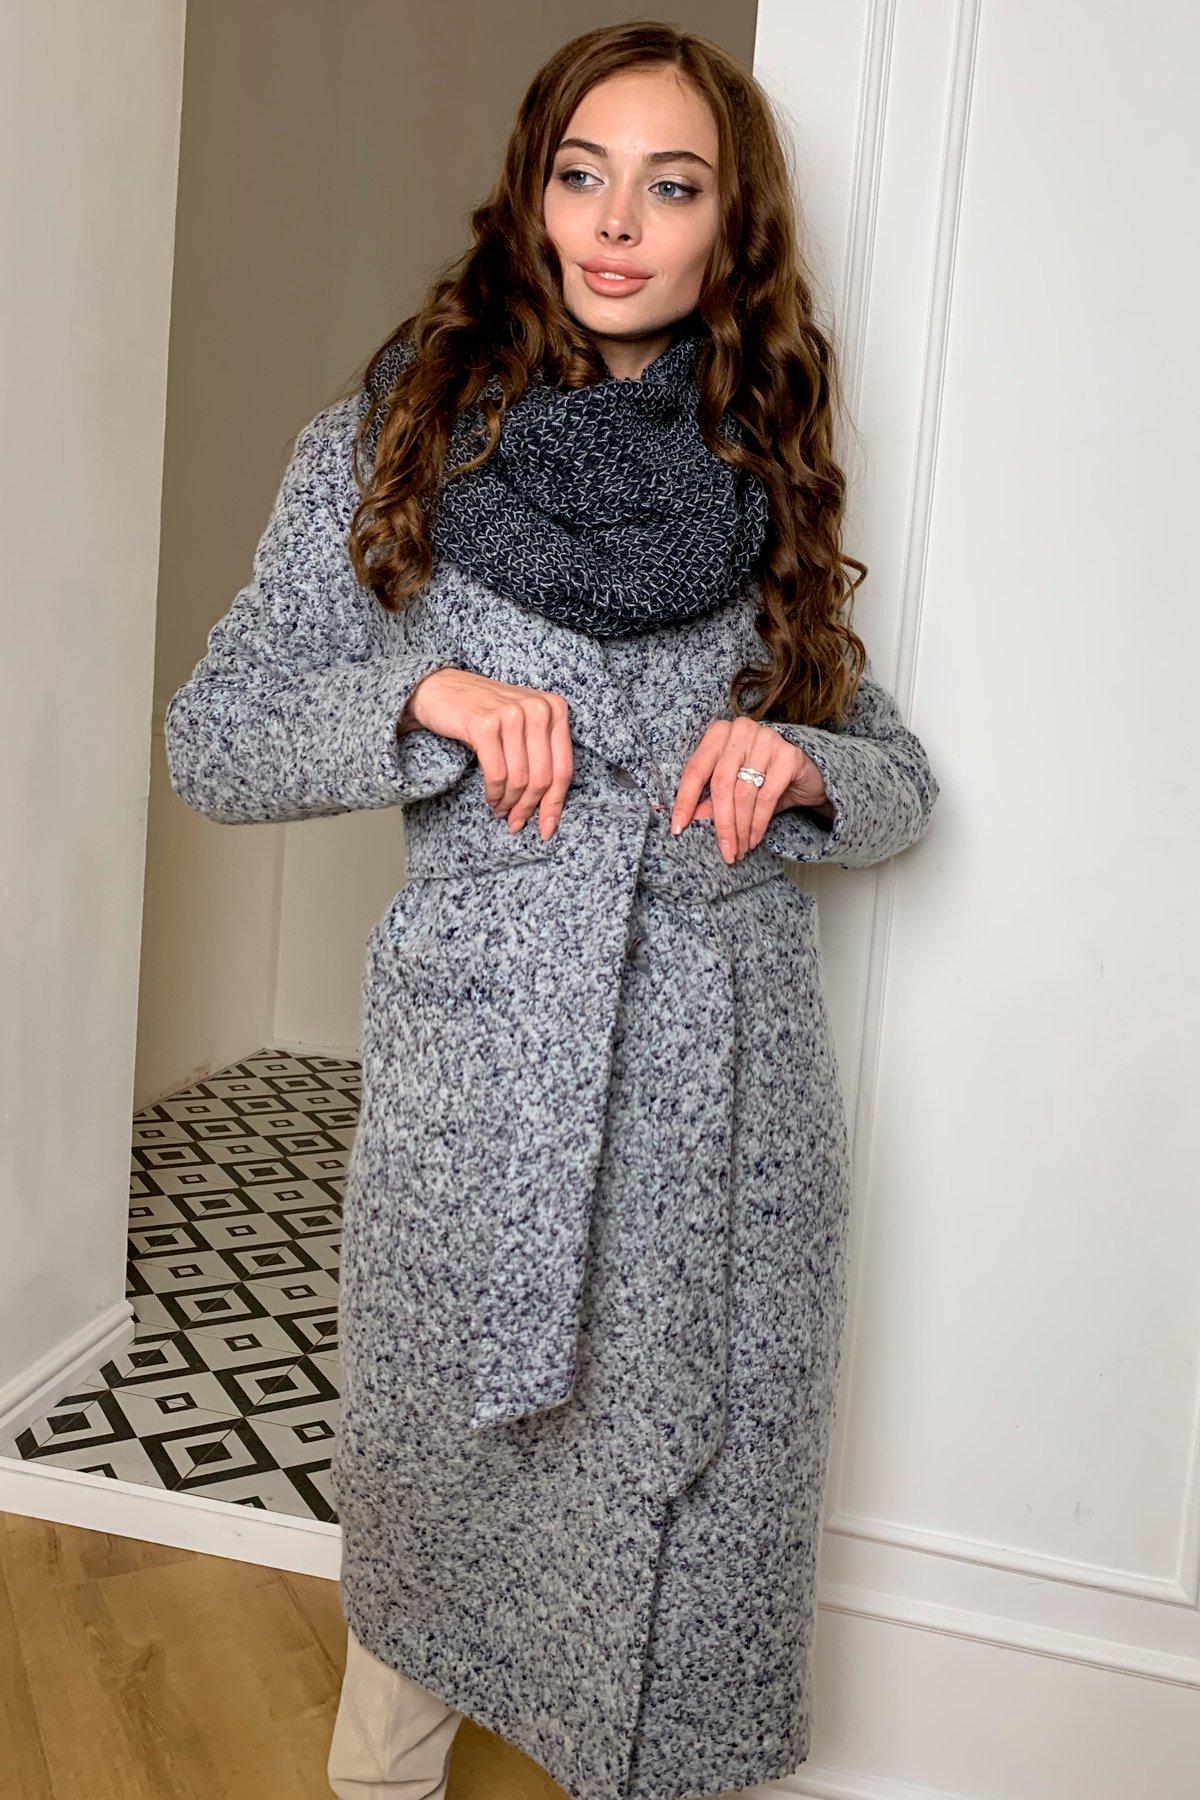 Теплое зимнее пальто буклированная шерсть Вива макси 8349 АРТ. 44516 Цвет: Серый/голубой 60 - фото 2, интернет магазин tm-modus.ru